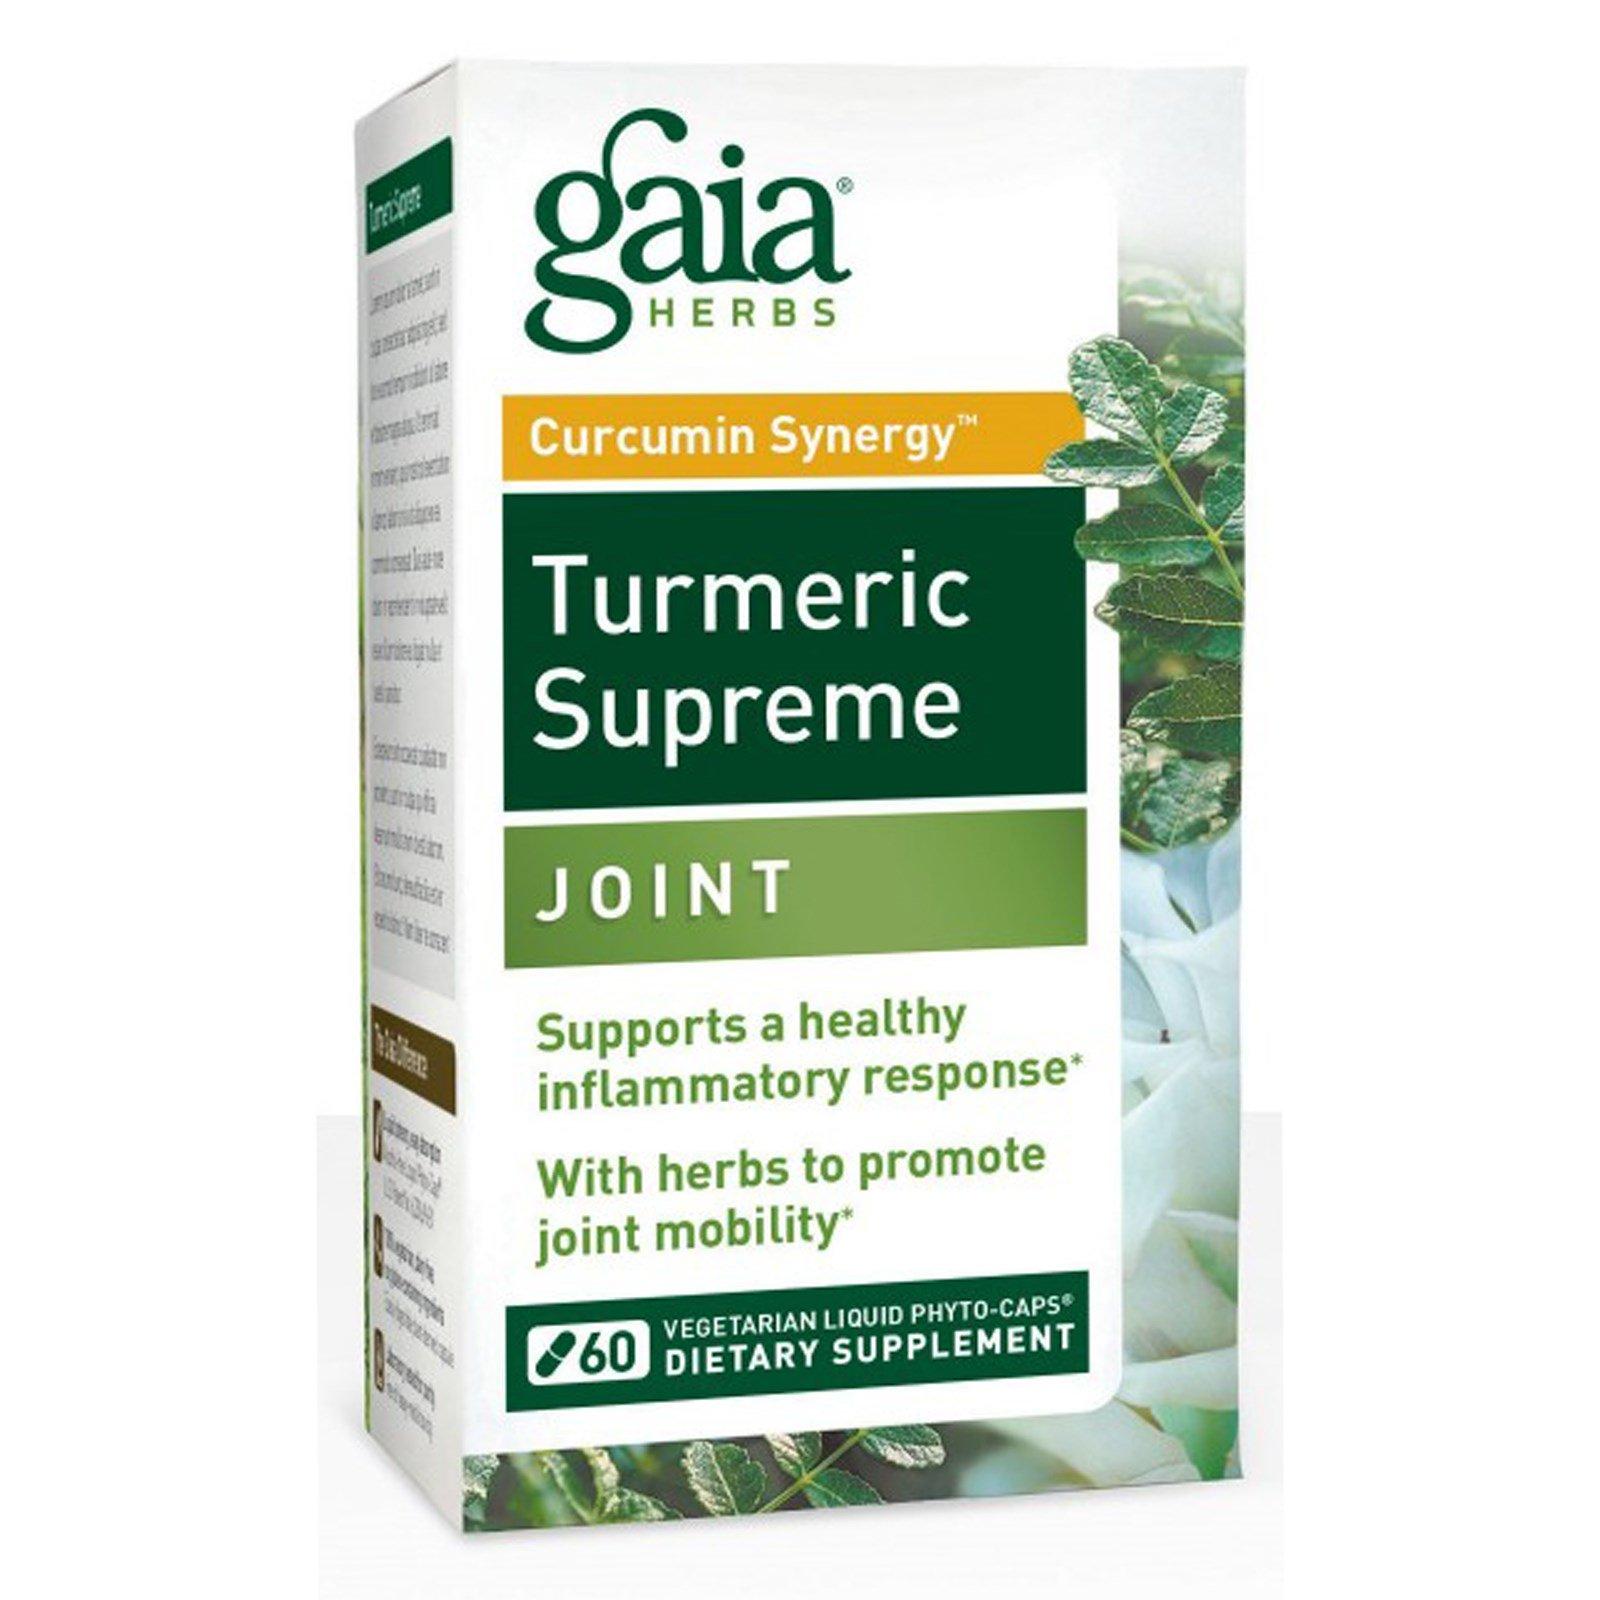 Gaia Herbs, Turmeric Supreme, Joint, для суставов, 60 вегетарианских жидких фитокапсул